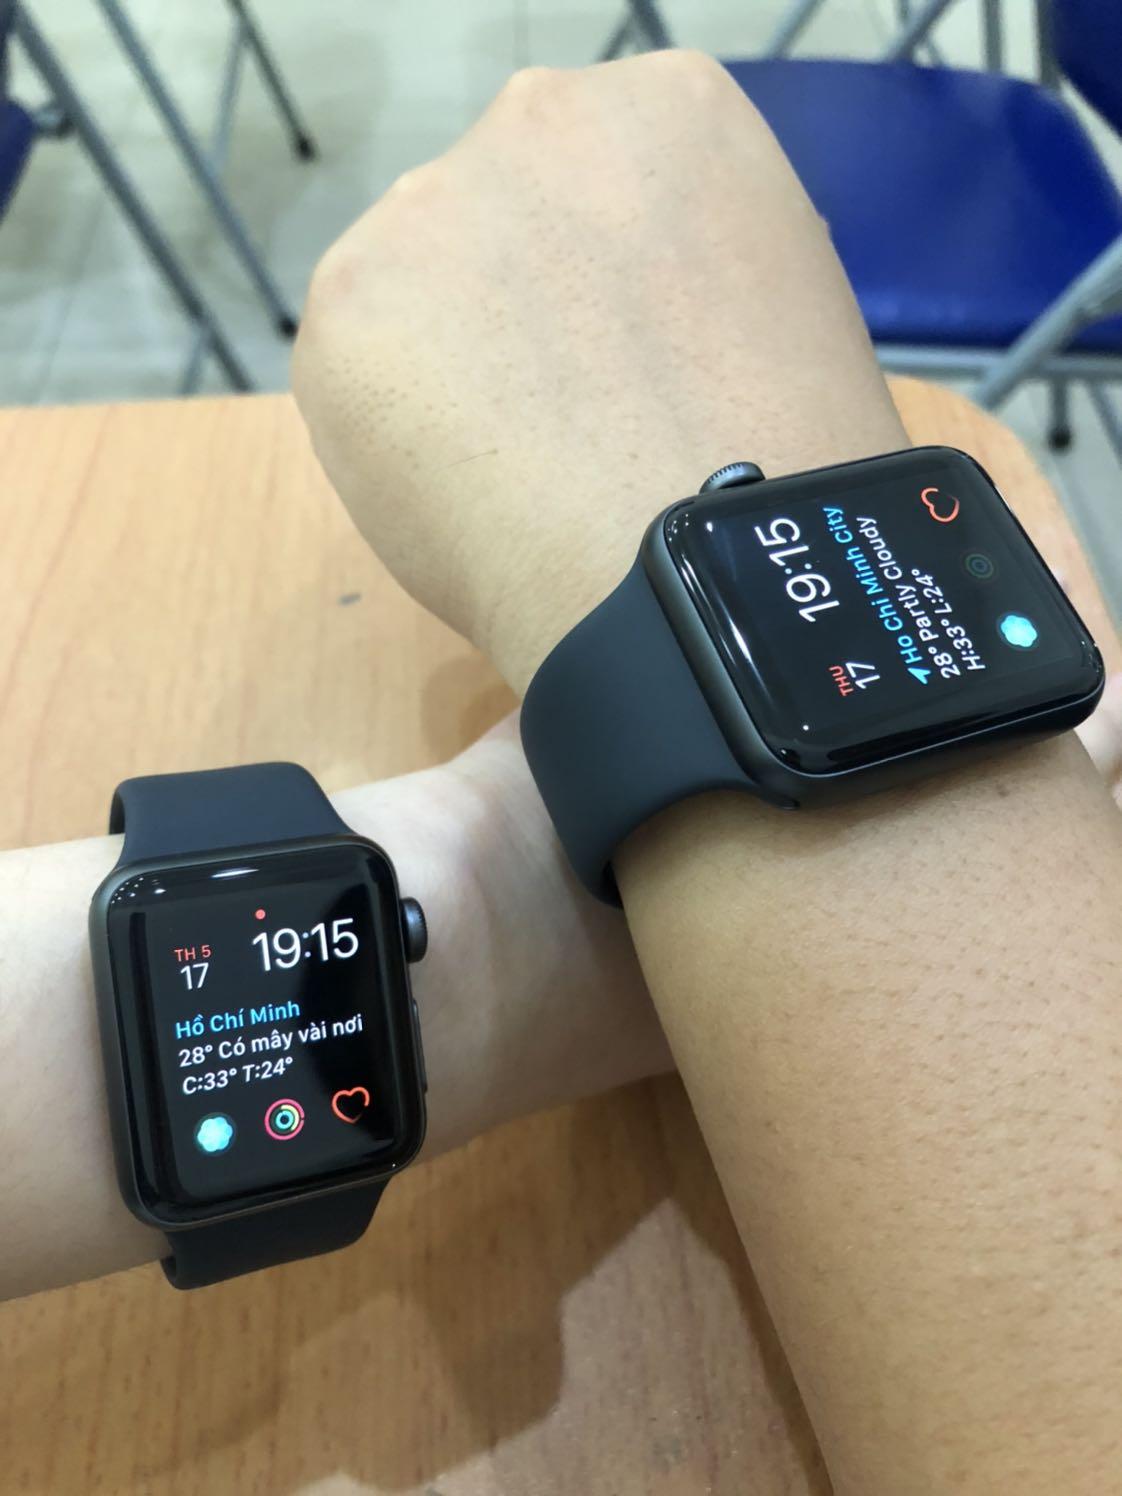 Đồng Hồ Thông Minh Apple Watch Series 3 GPS Aluminum Case With Sport Band - Hàng Chính Hãng VN/A | Tiki